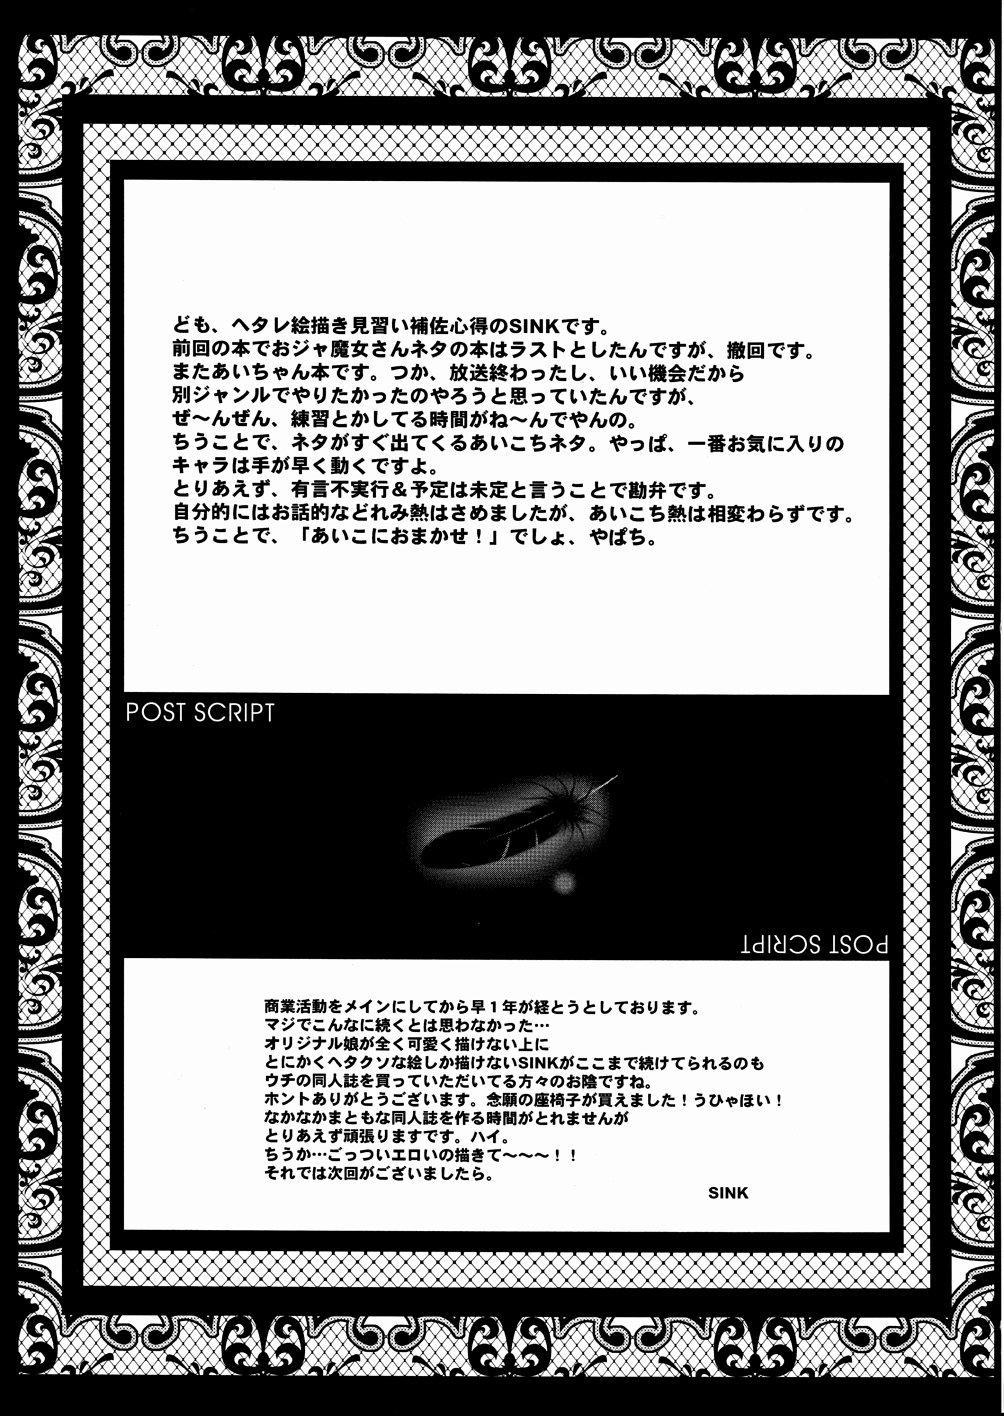 Urabambi Vol. 20 - Adesugata Naniwa Musume 24